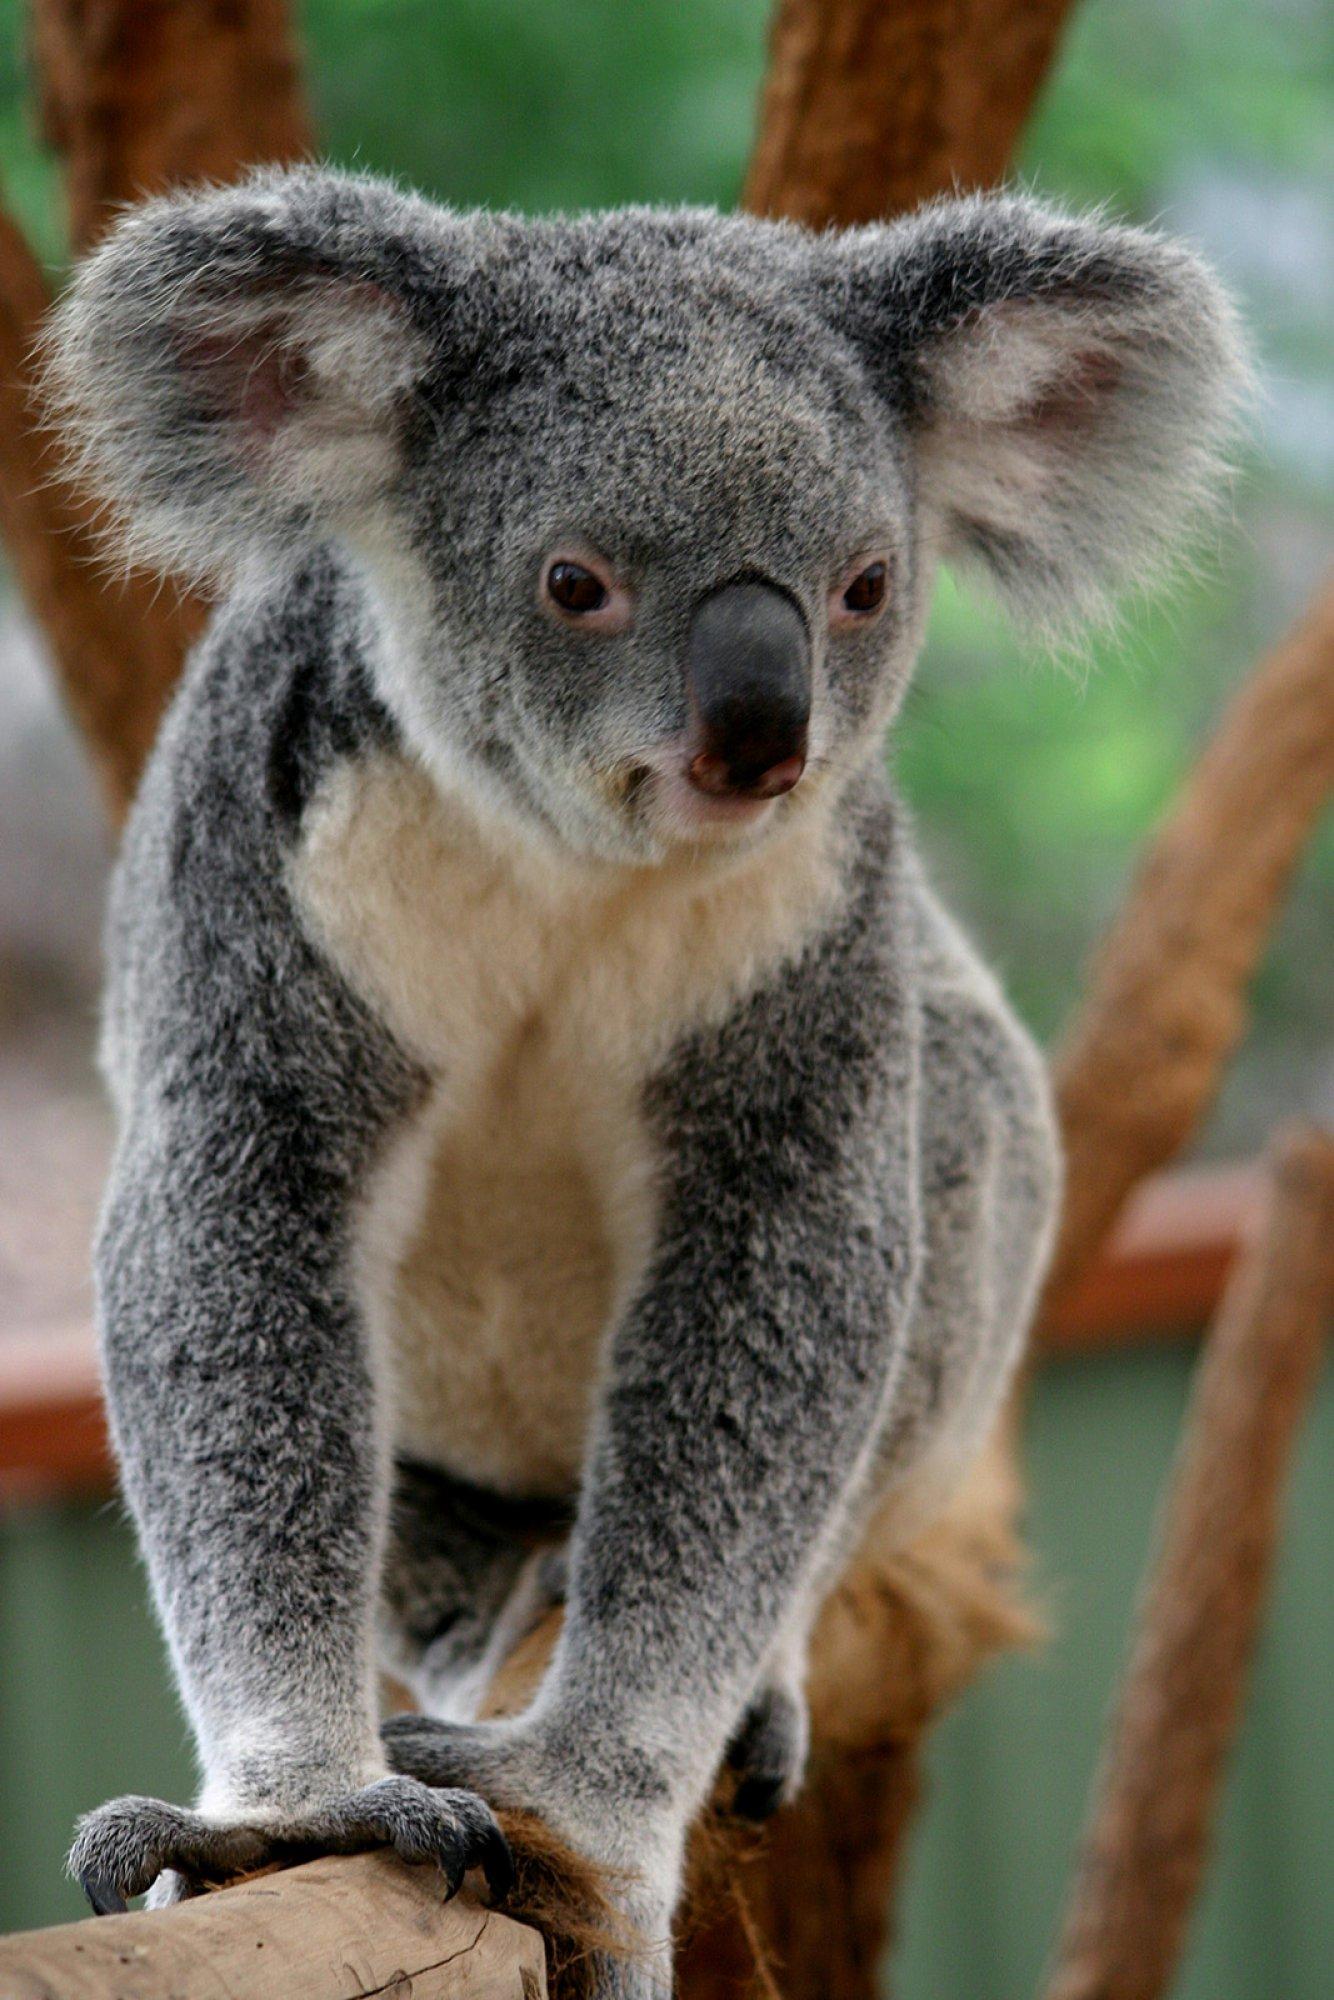 https://bubo.sk/uploads/galleries/5026/koala-dreamstime-xl-95213.jpg